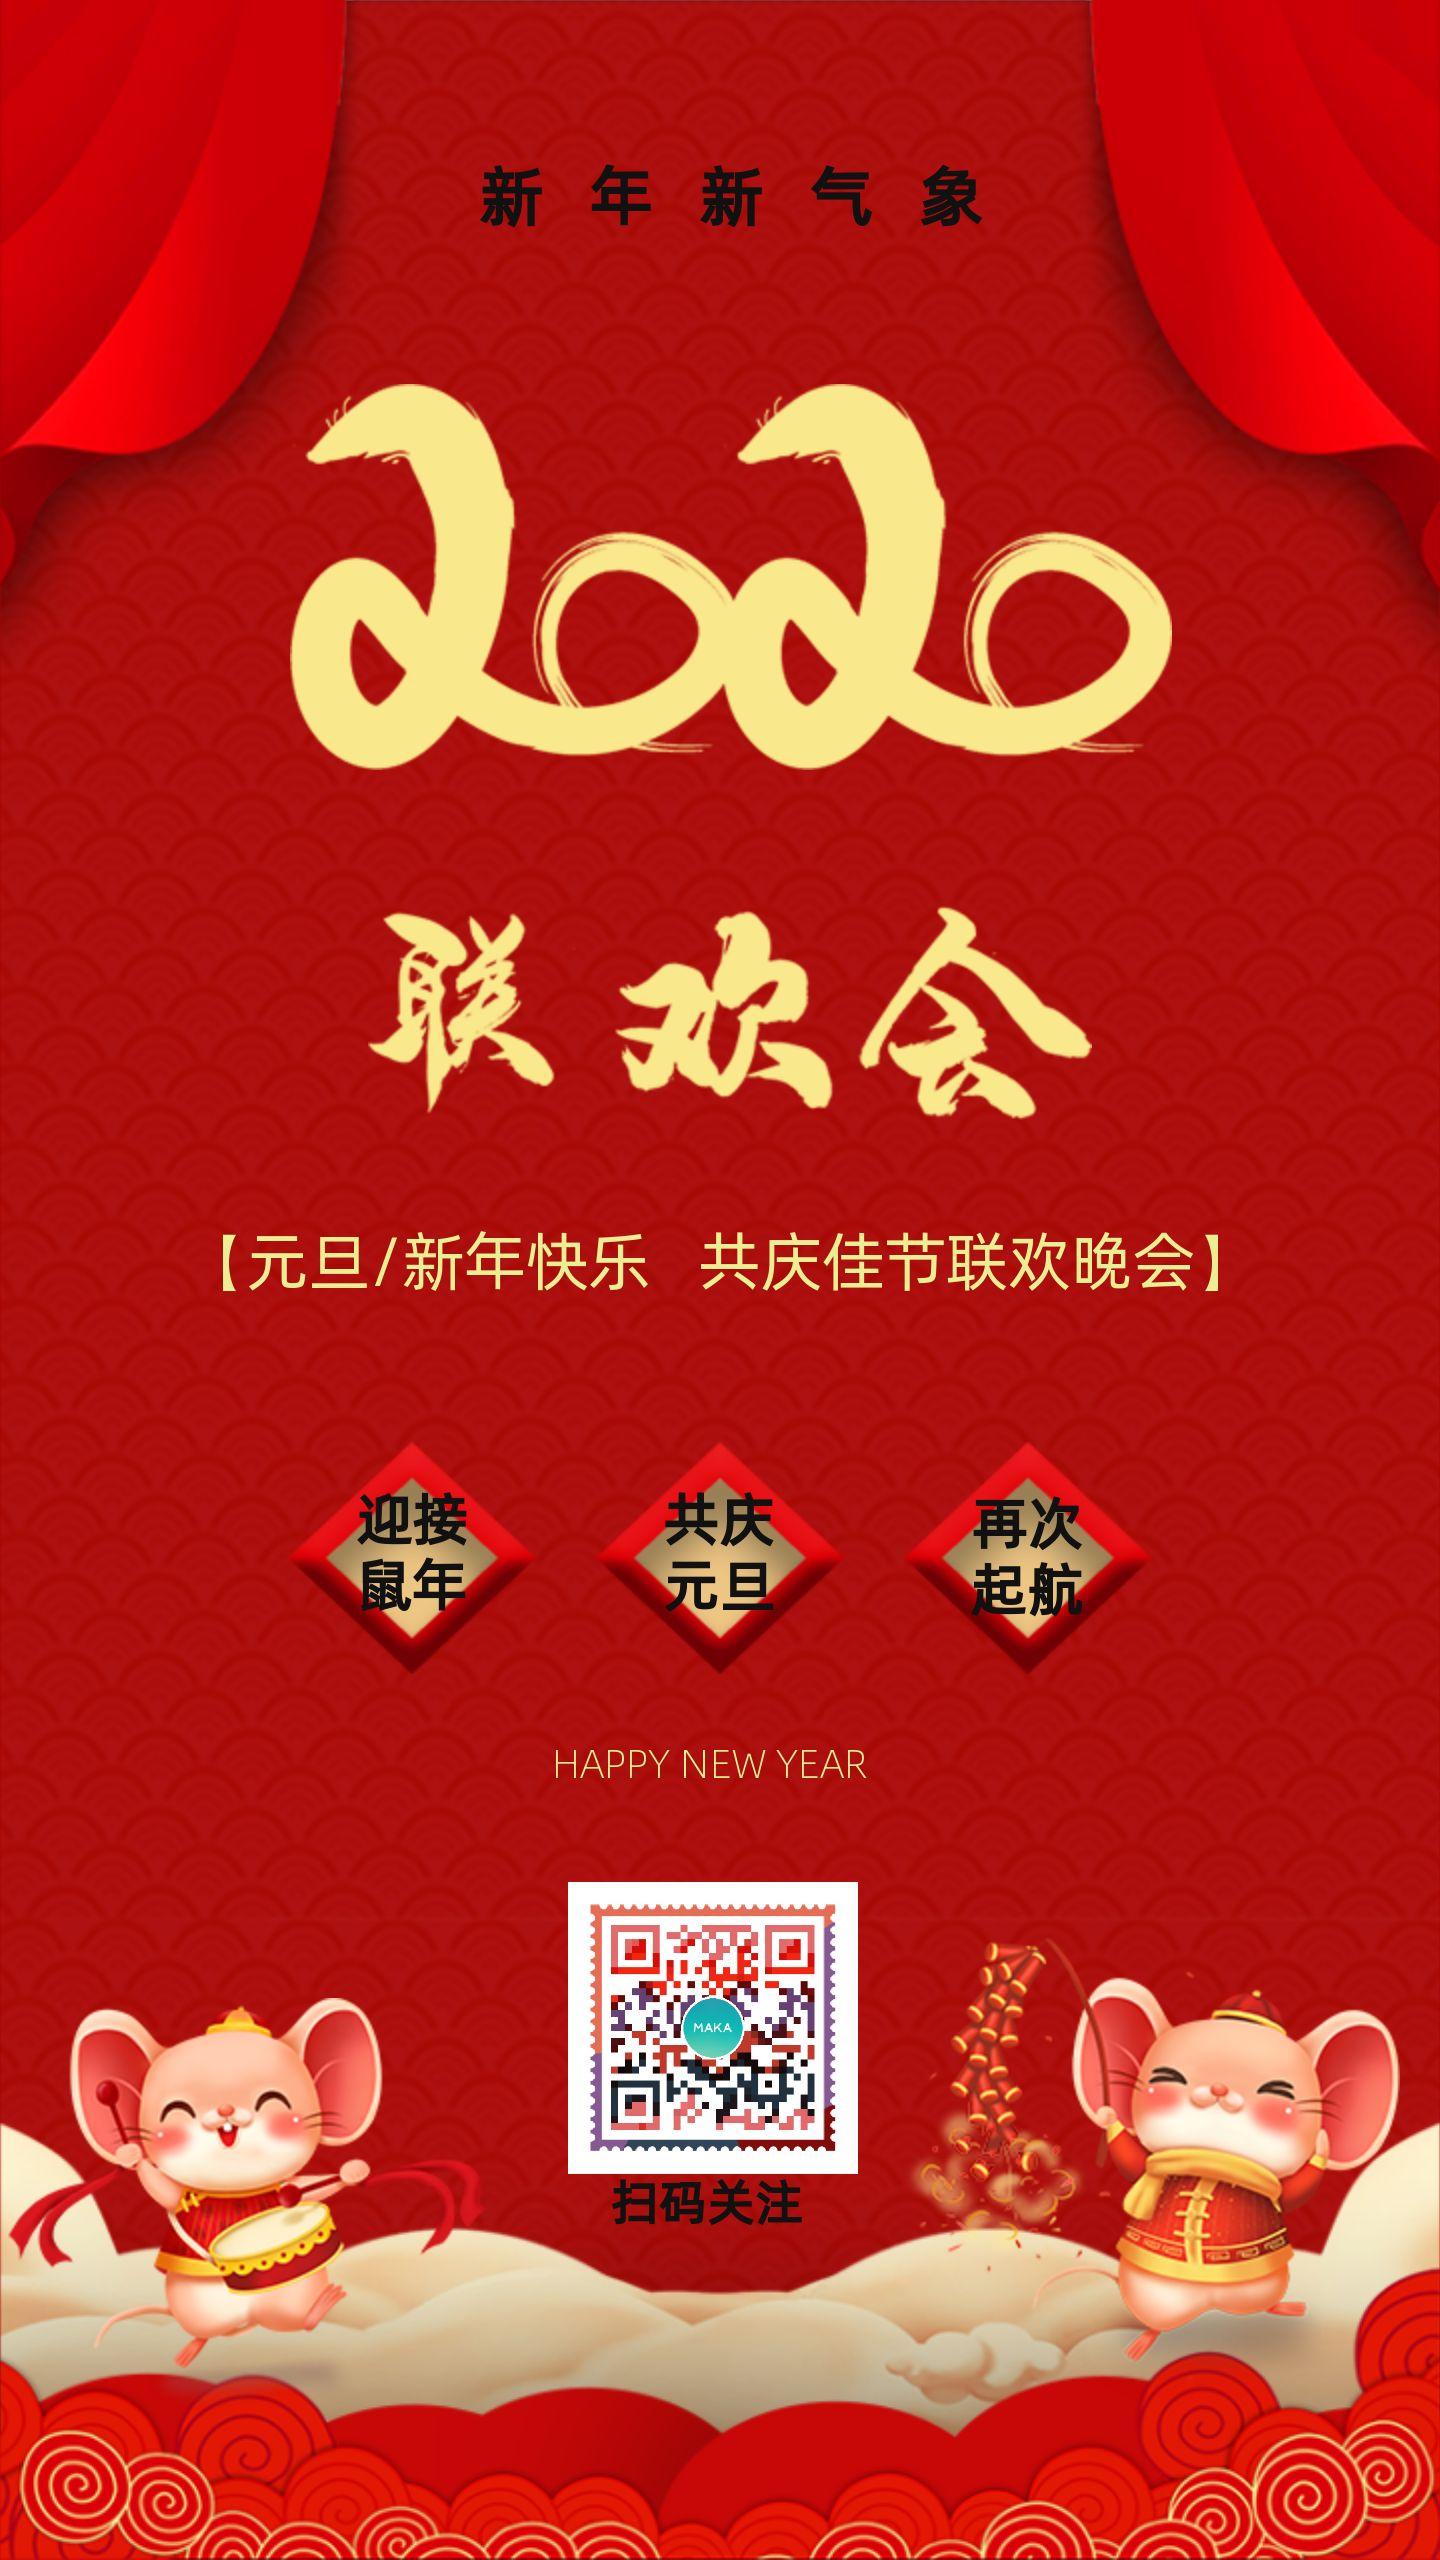 2020鼠年大吉企业元旦年会宣传海报